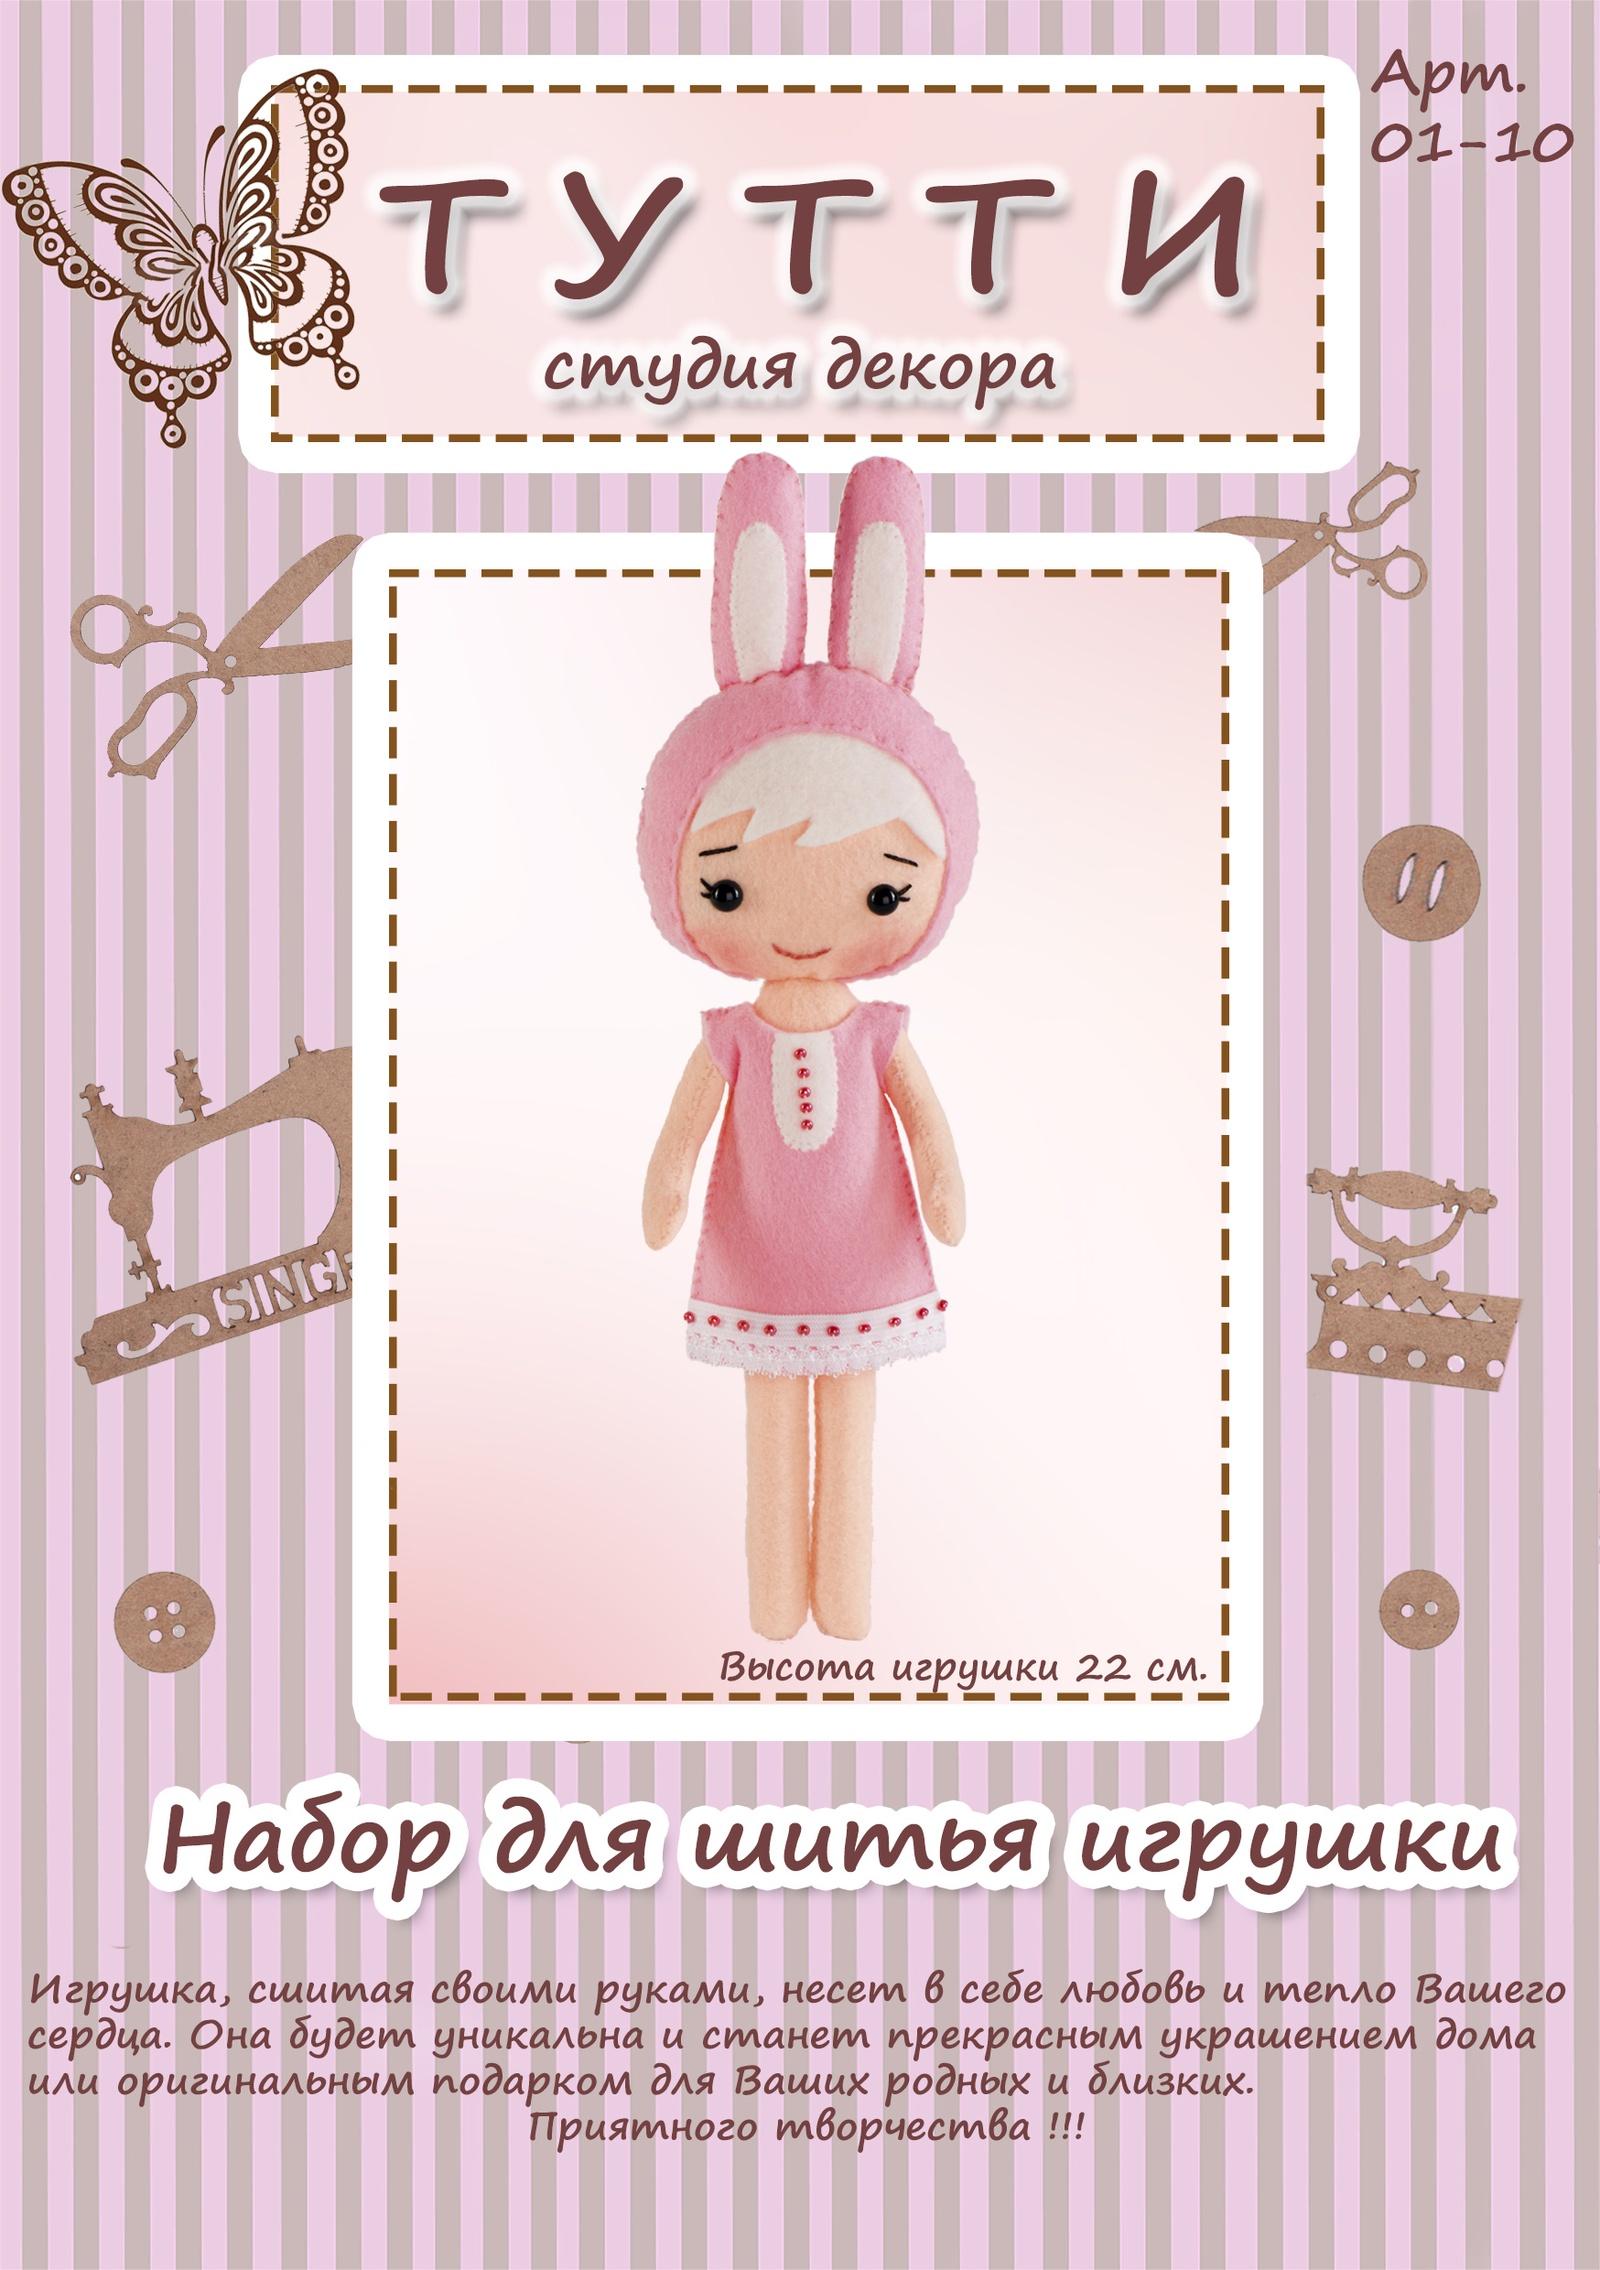 Набор для шитья игрушки из фетра Тутти Зайчонок Банни, 01-10 наборы из фетра в пакете с хедером четырехлистники 11 21136 15